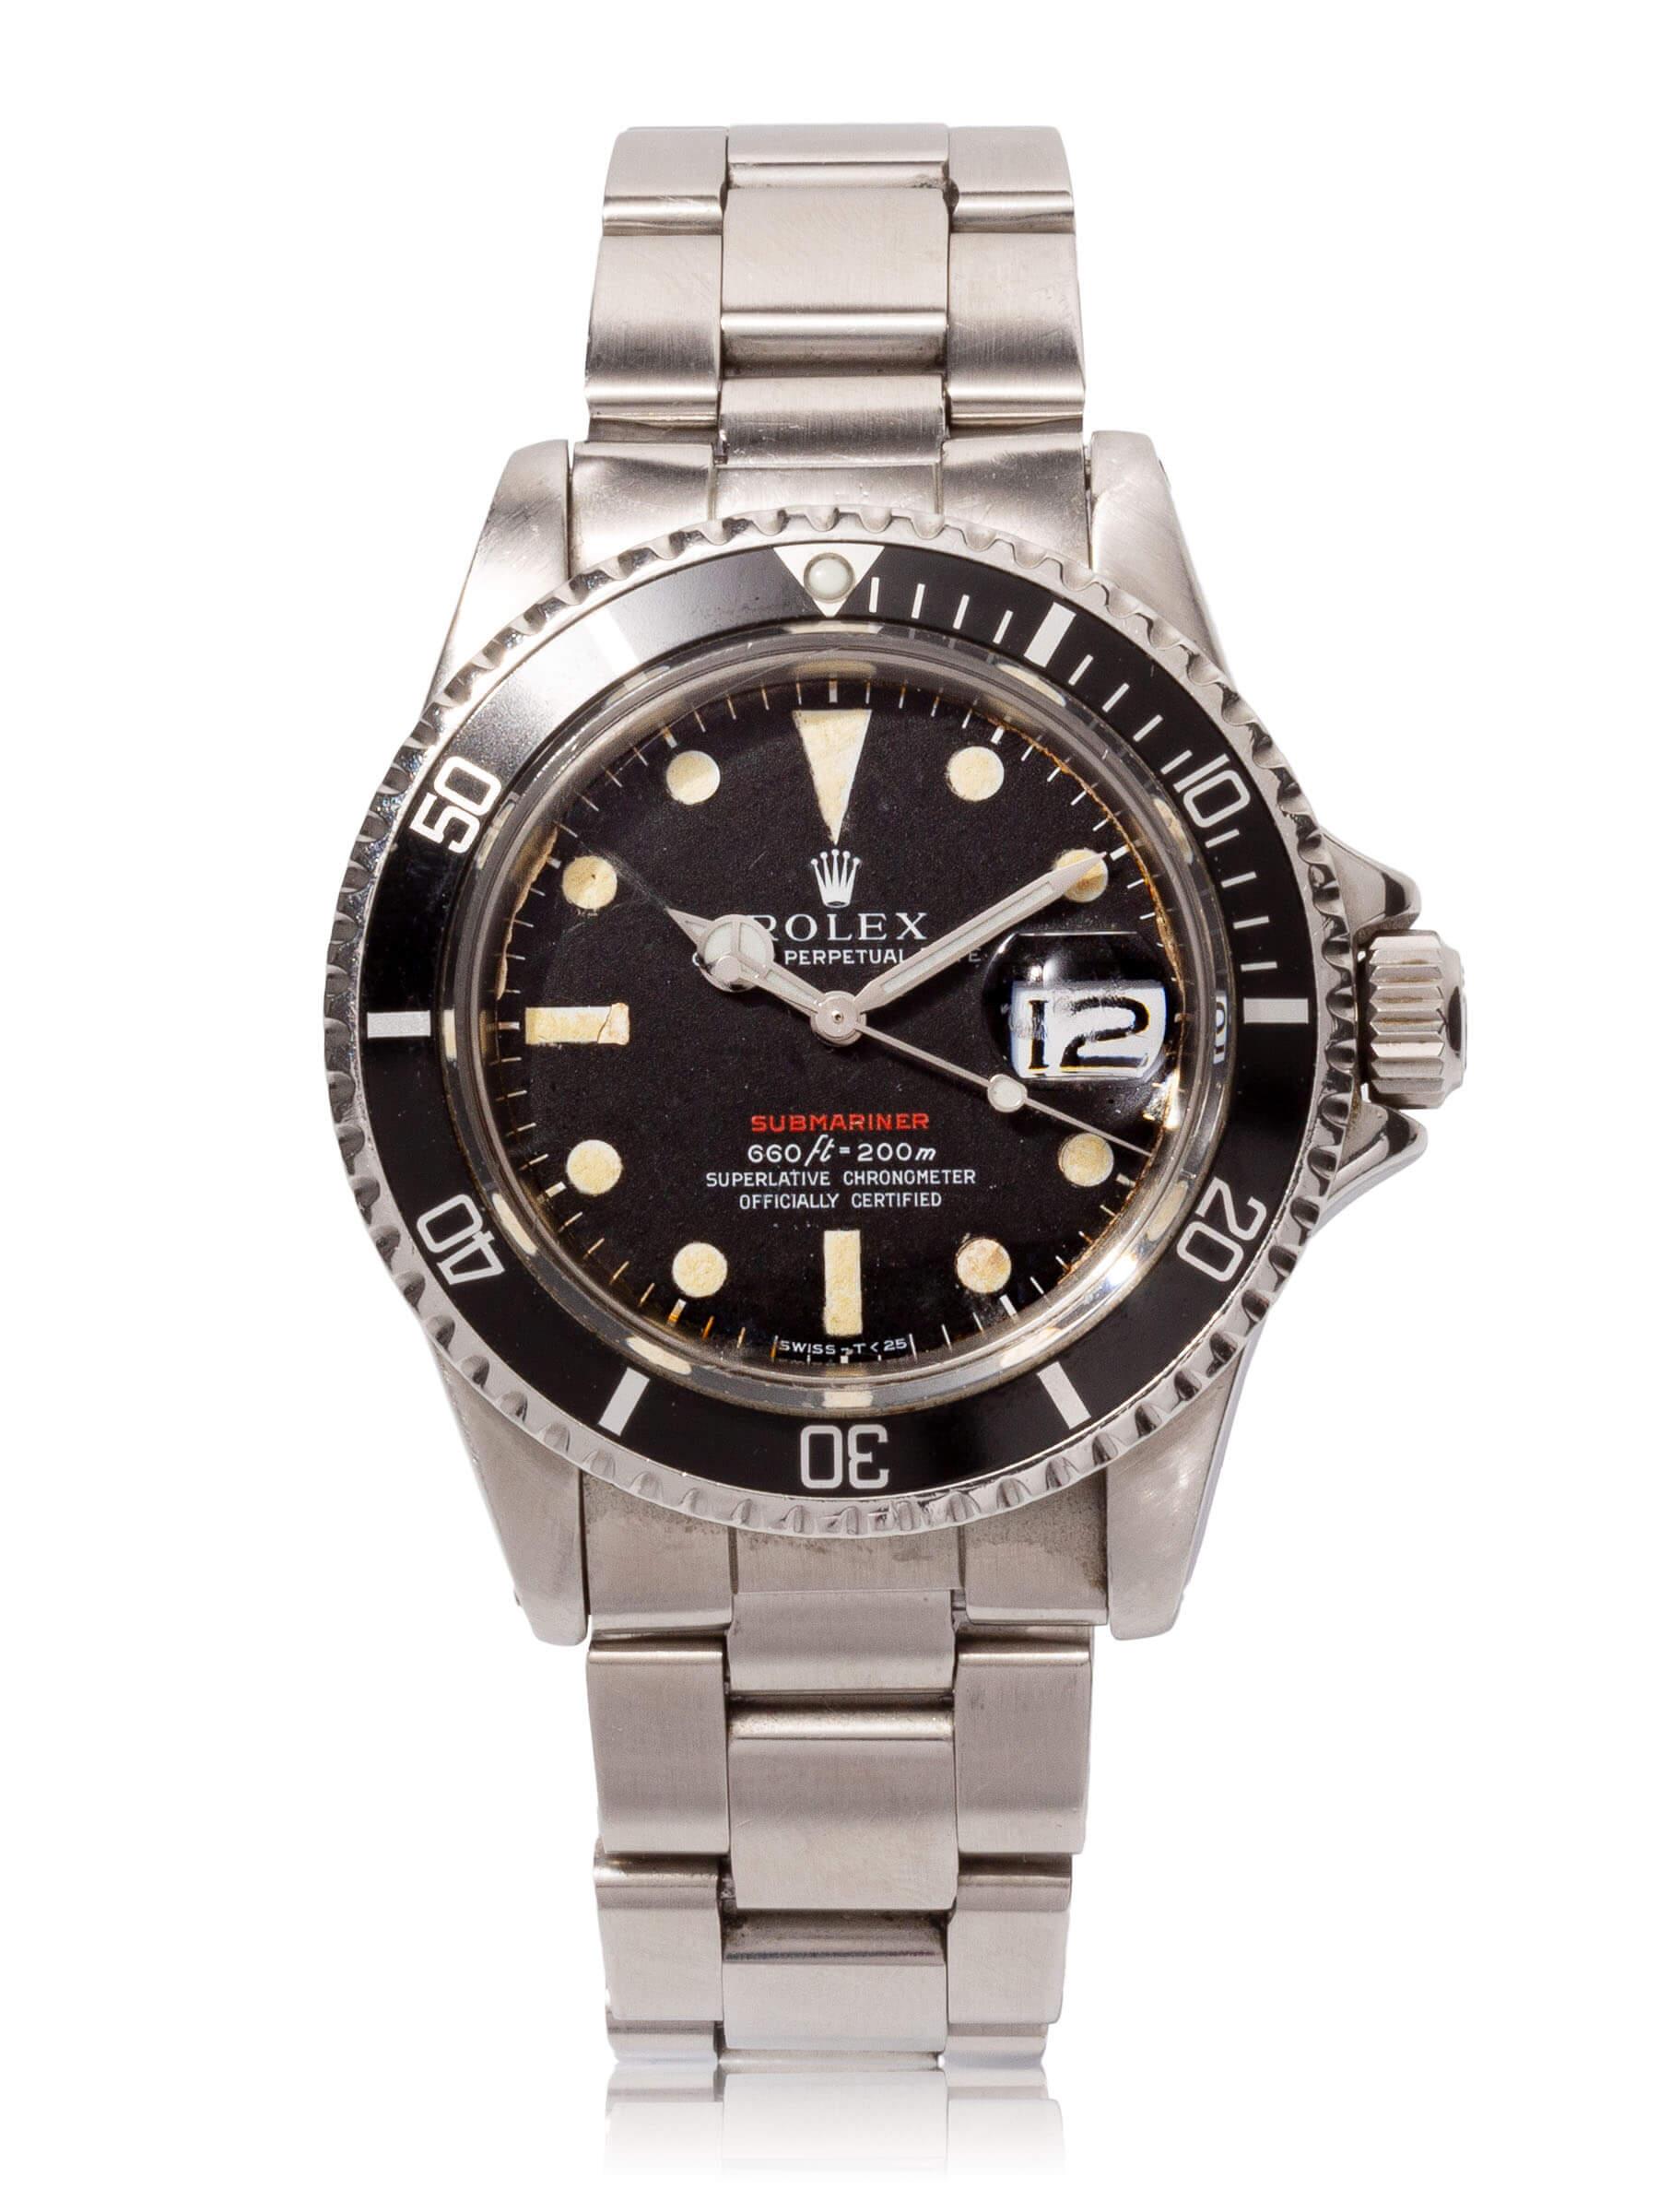 Vintage-Rolex-Red-Submariner-1680